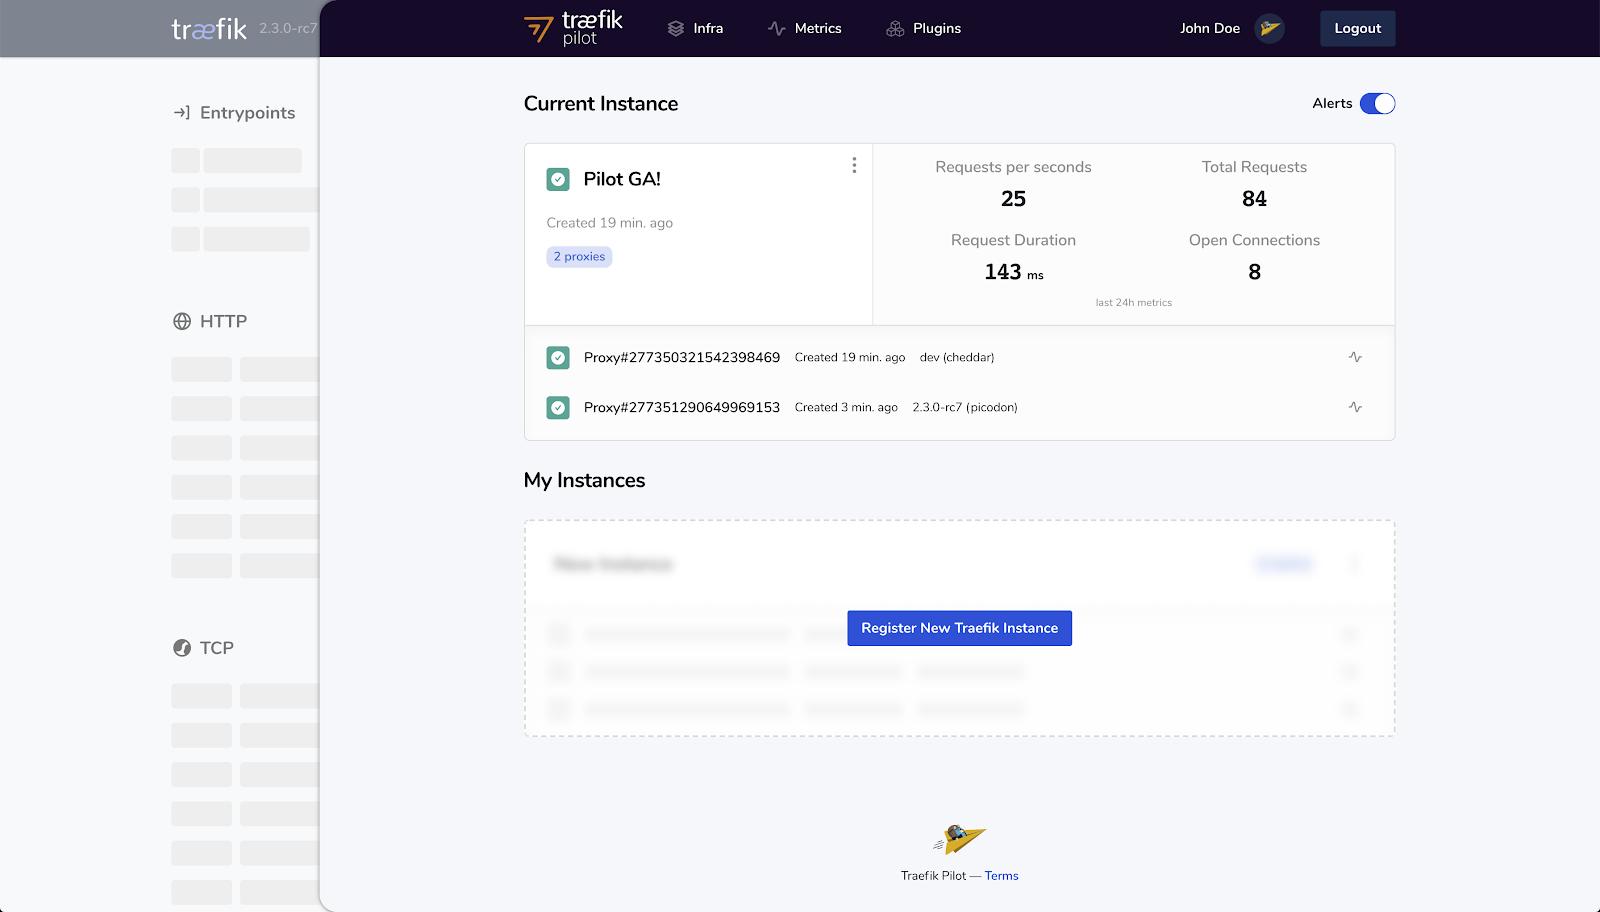 Traefik Pilot Web UI